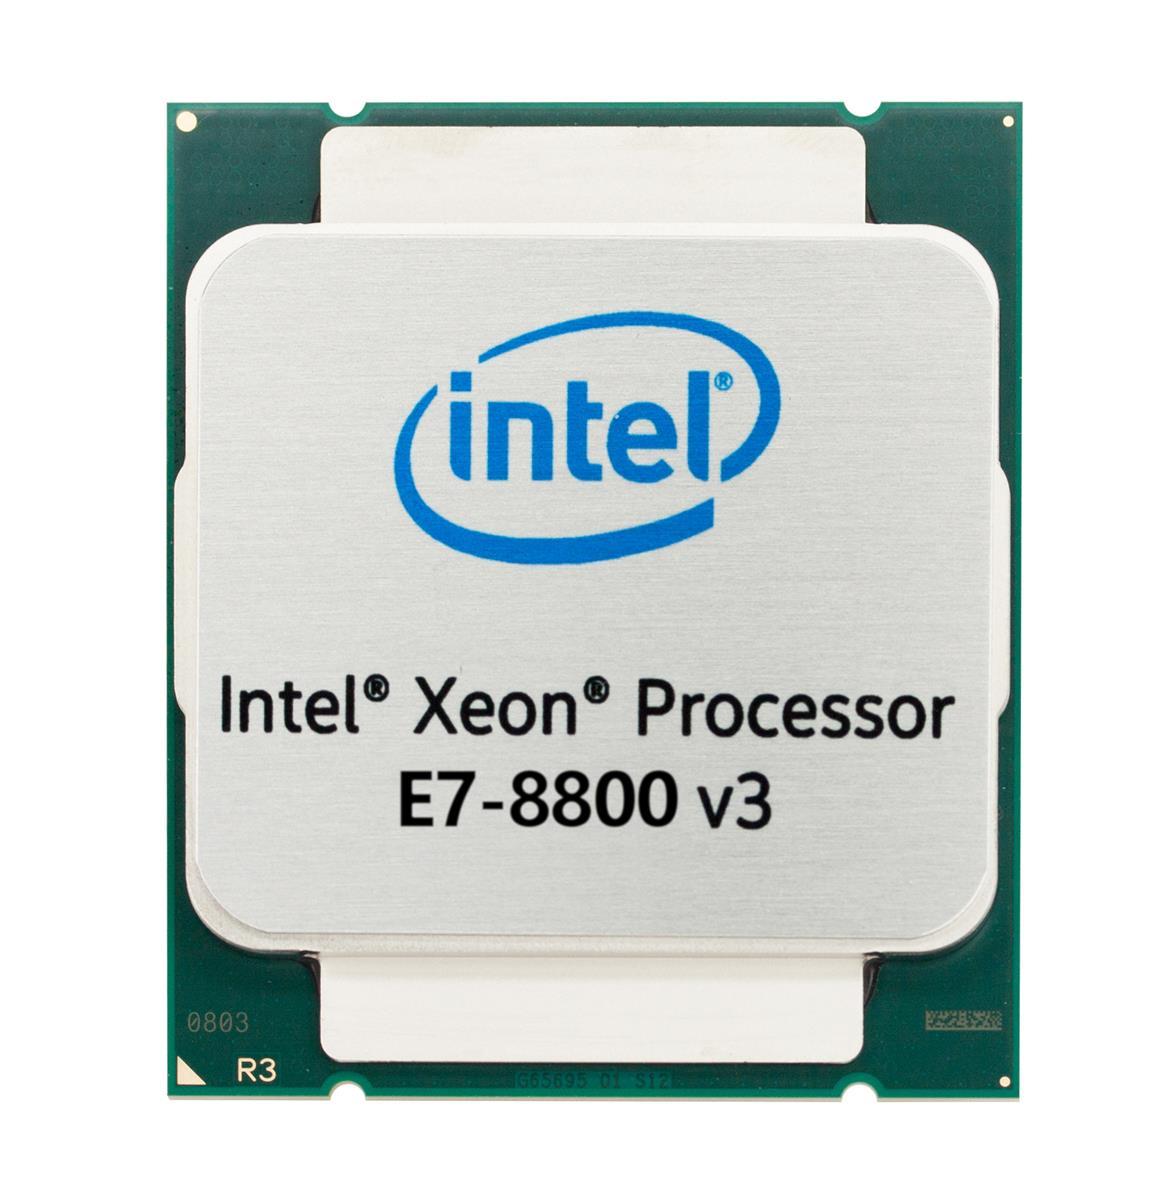 Intel Xeon E7-8890 v3 18 Core 2.50GHz 9.60GT/s QPI 45MB L3 Cache Socket 2011-1 Processor Mfr P/N CM8064501549928